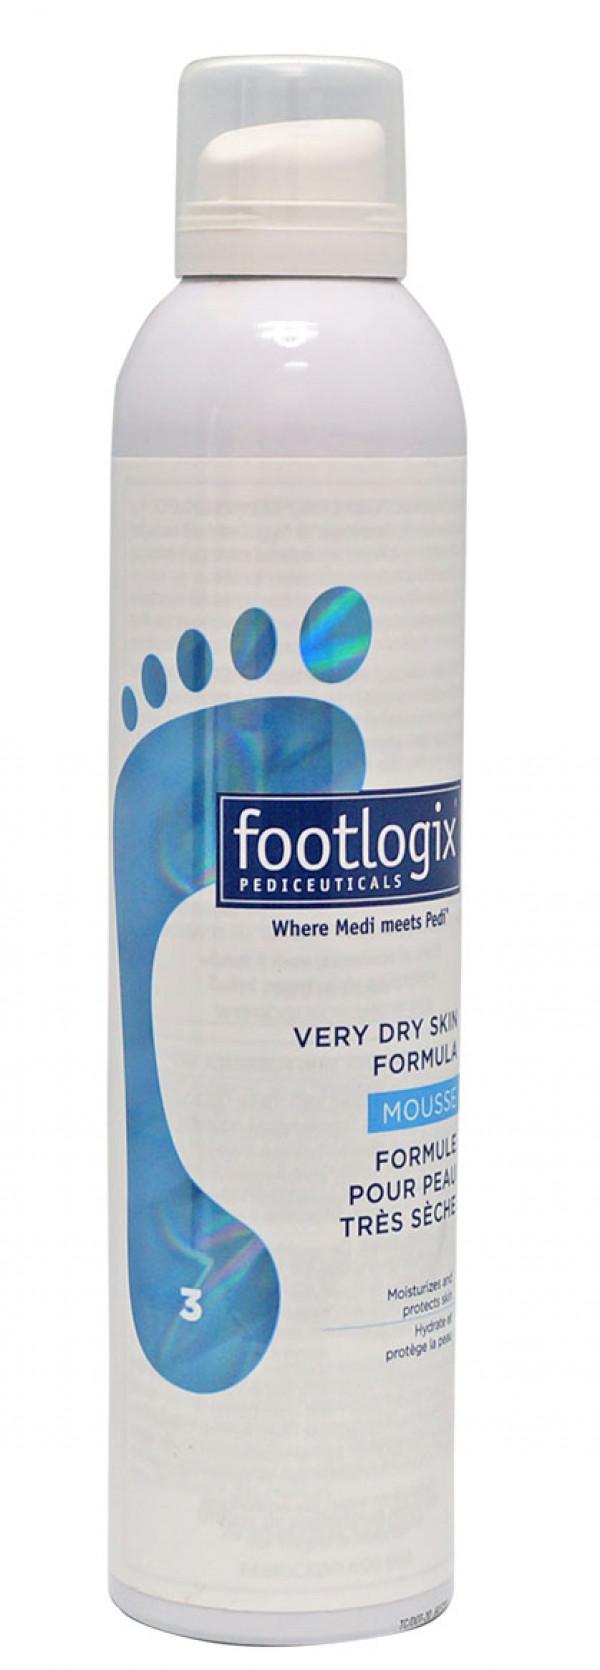 Footlogix 3 Vaahtovoide hyvin kuivalle iholle 300